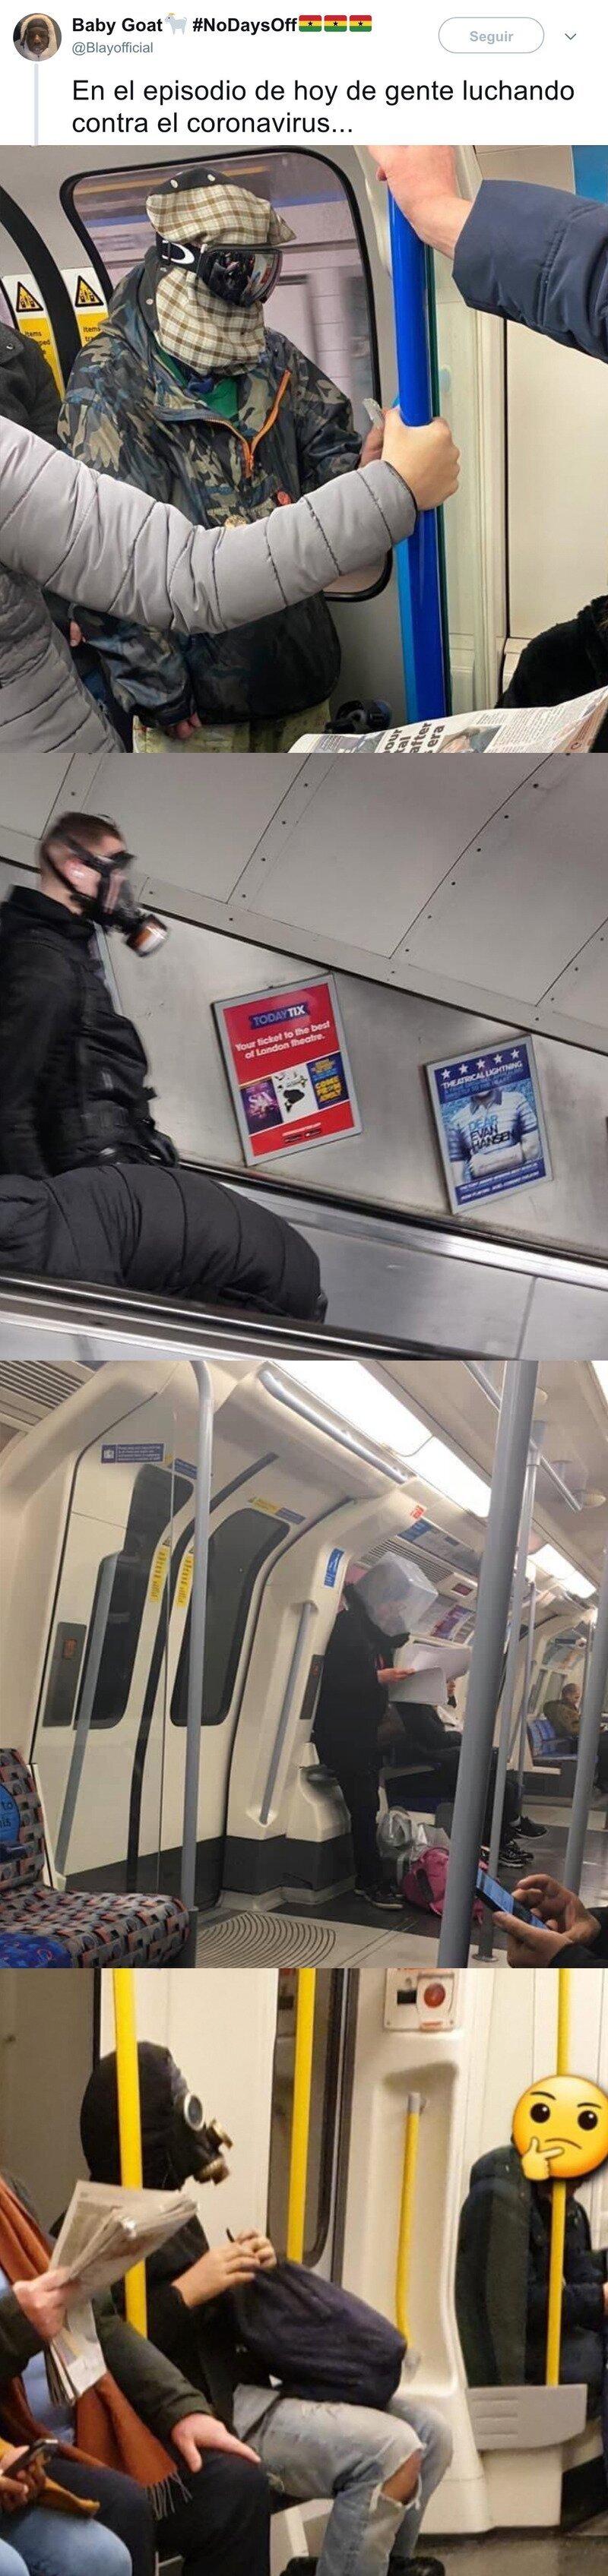 1746 - Para evitar el coronavirus, los engendros que se pueden ver en el metro que parecen villanos de Batman